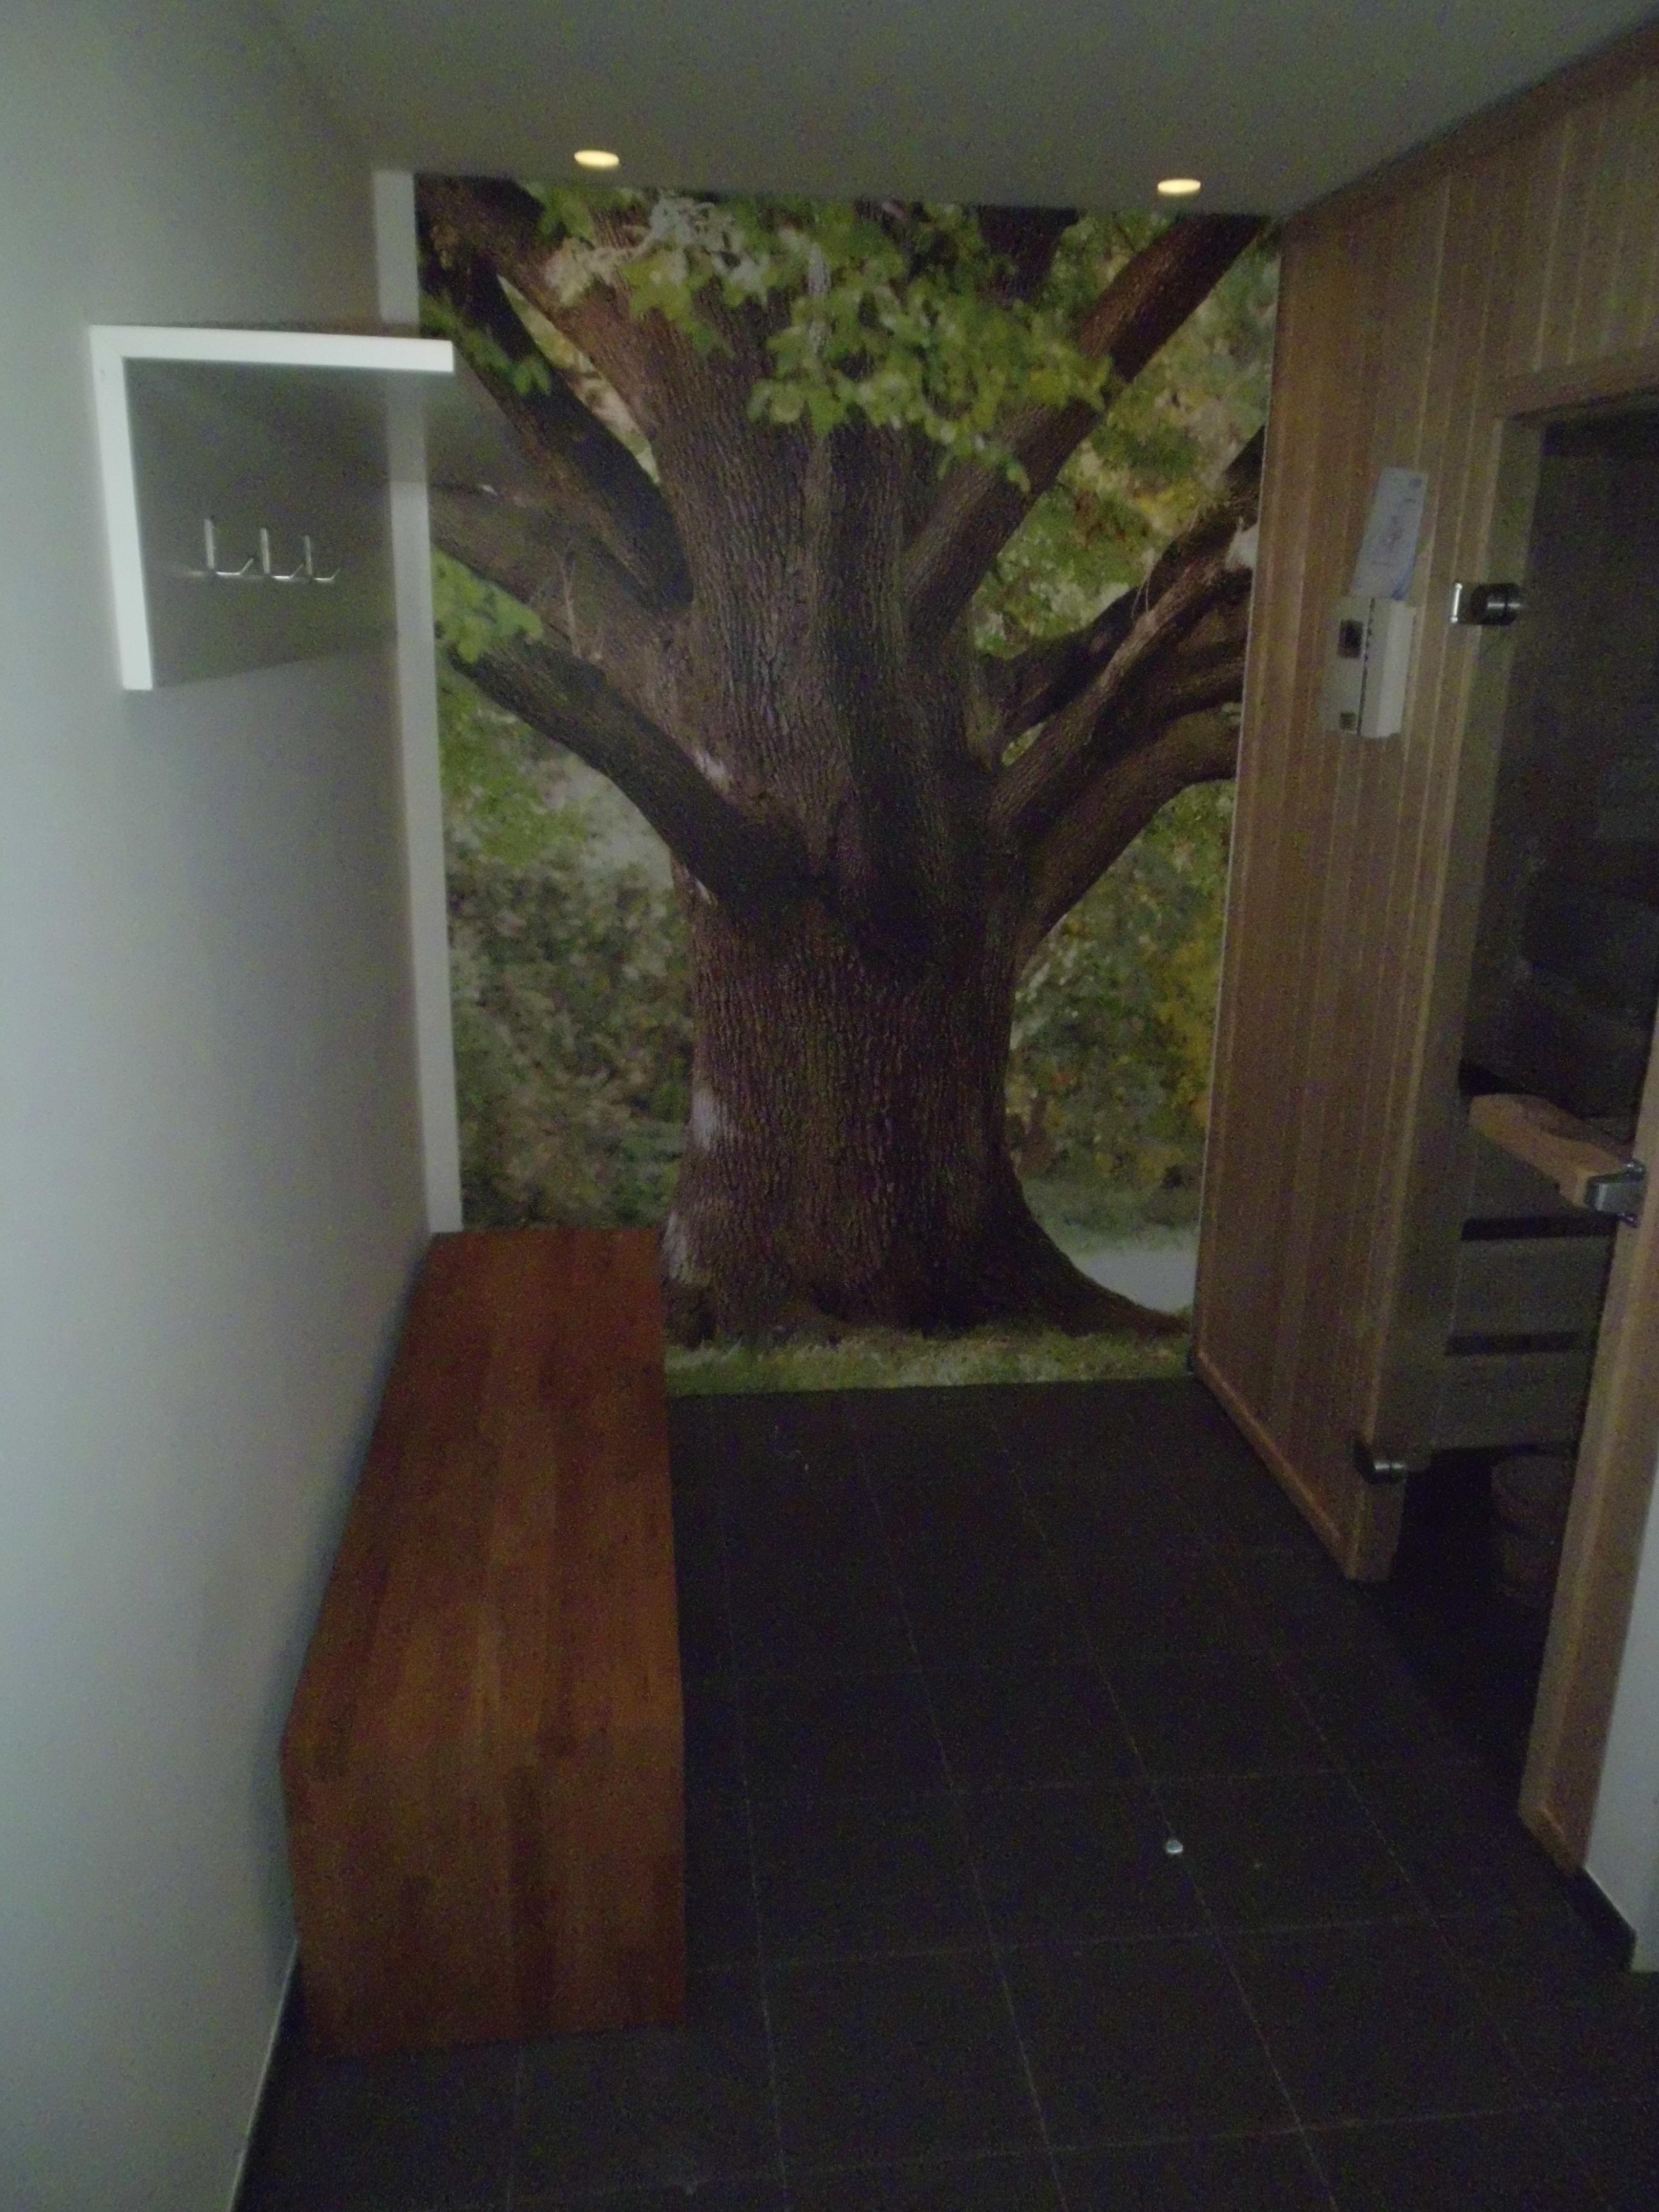 Vorraum zur Sauna mit Bild und Garderobenbrett